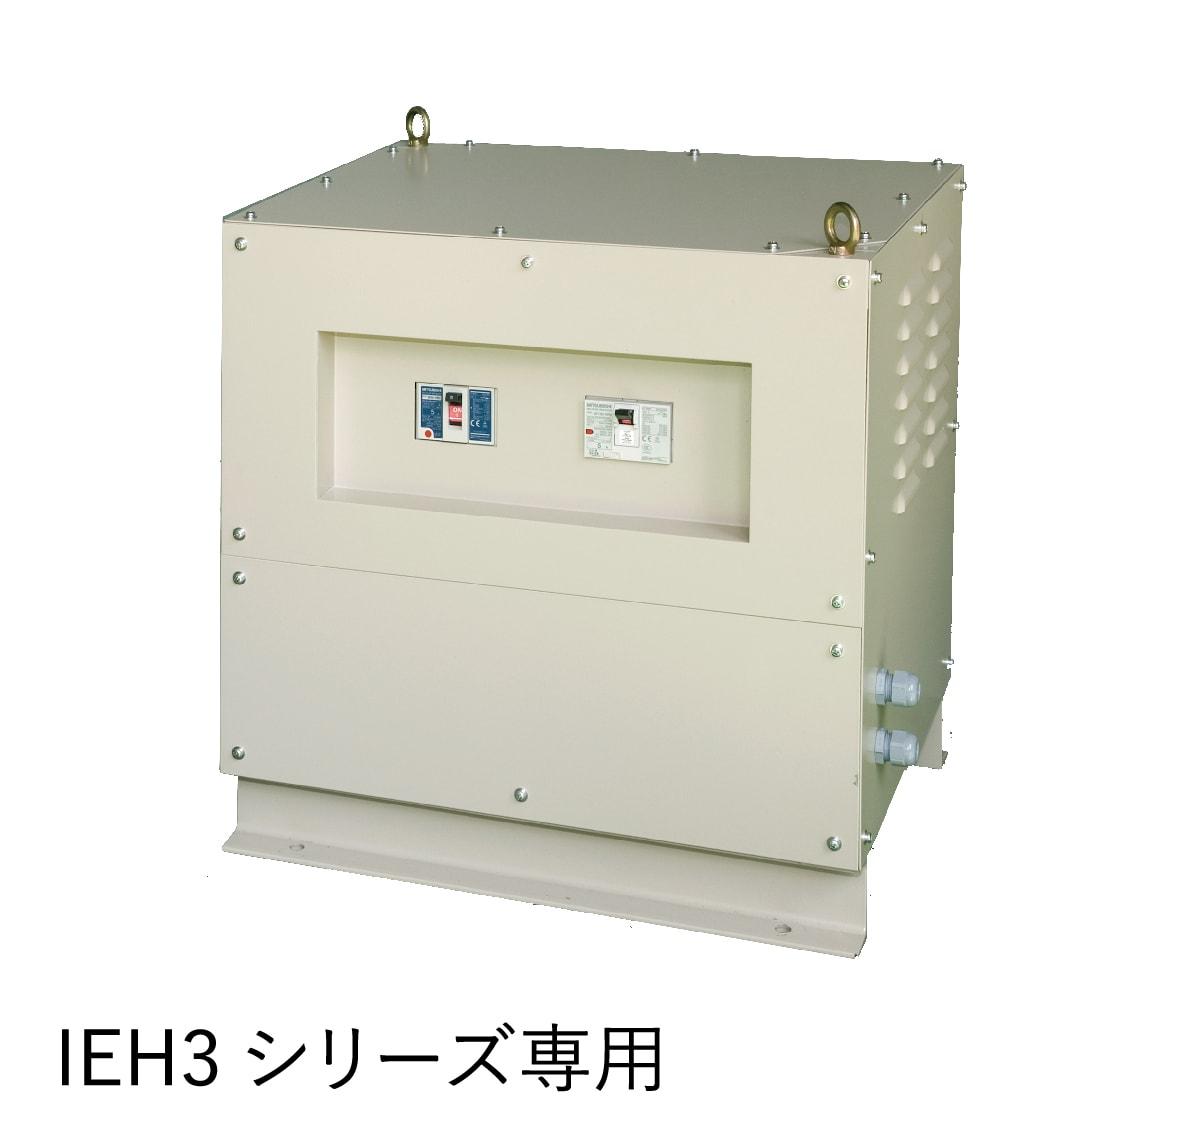 IEH3シリーズ専用